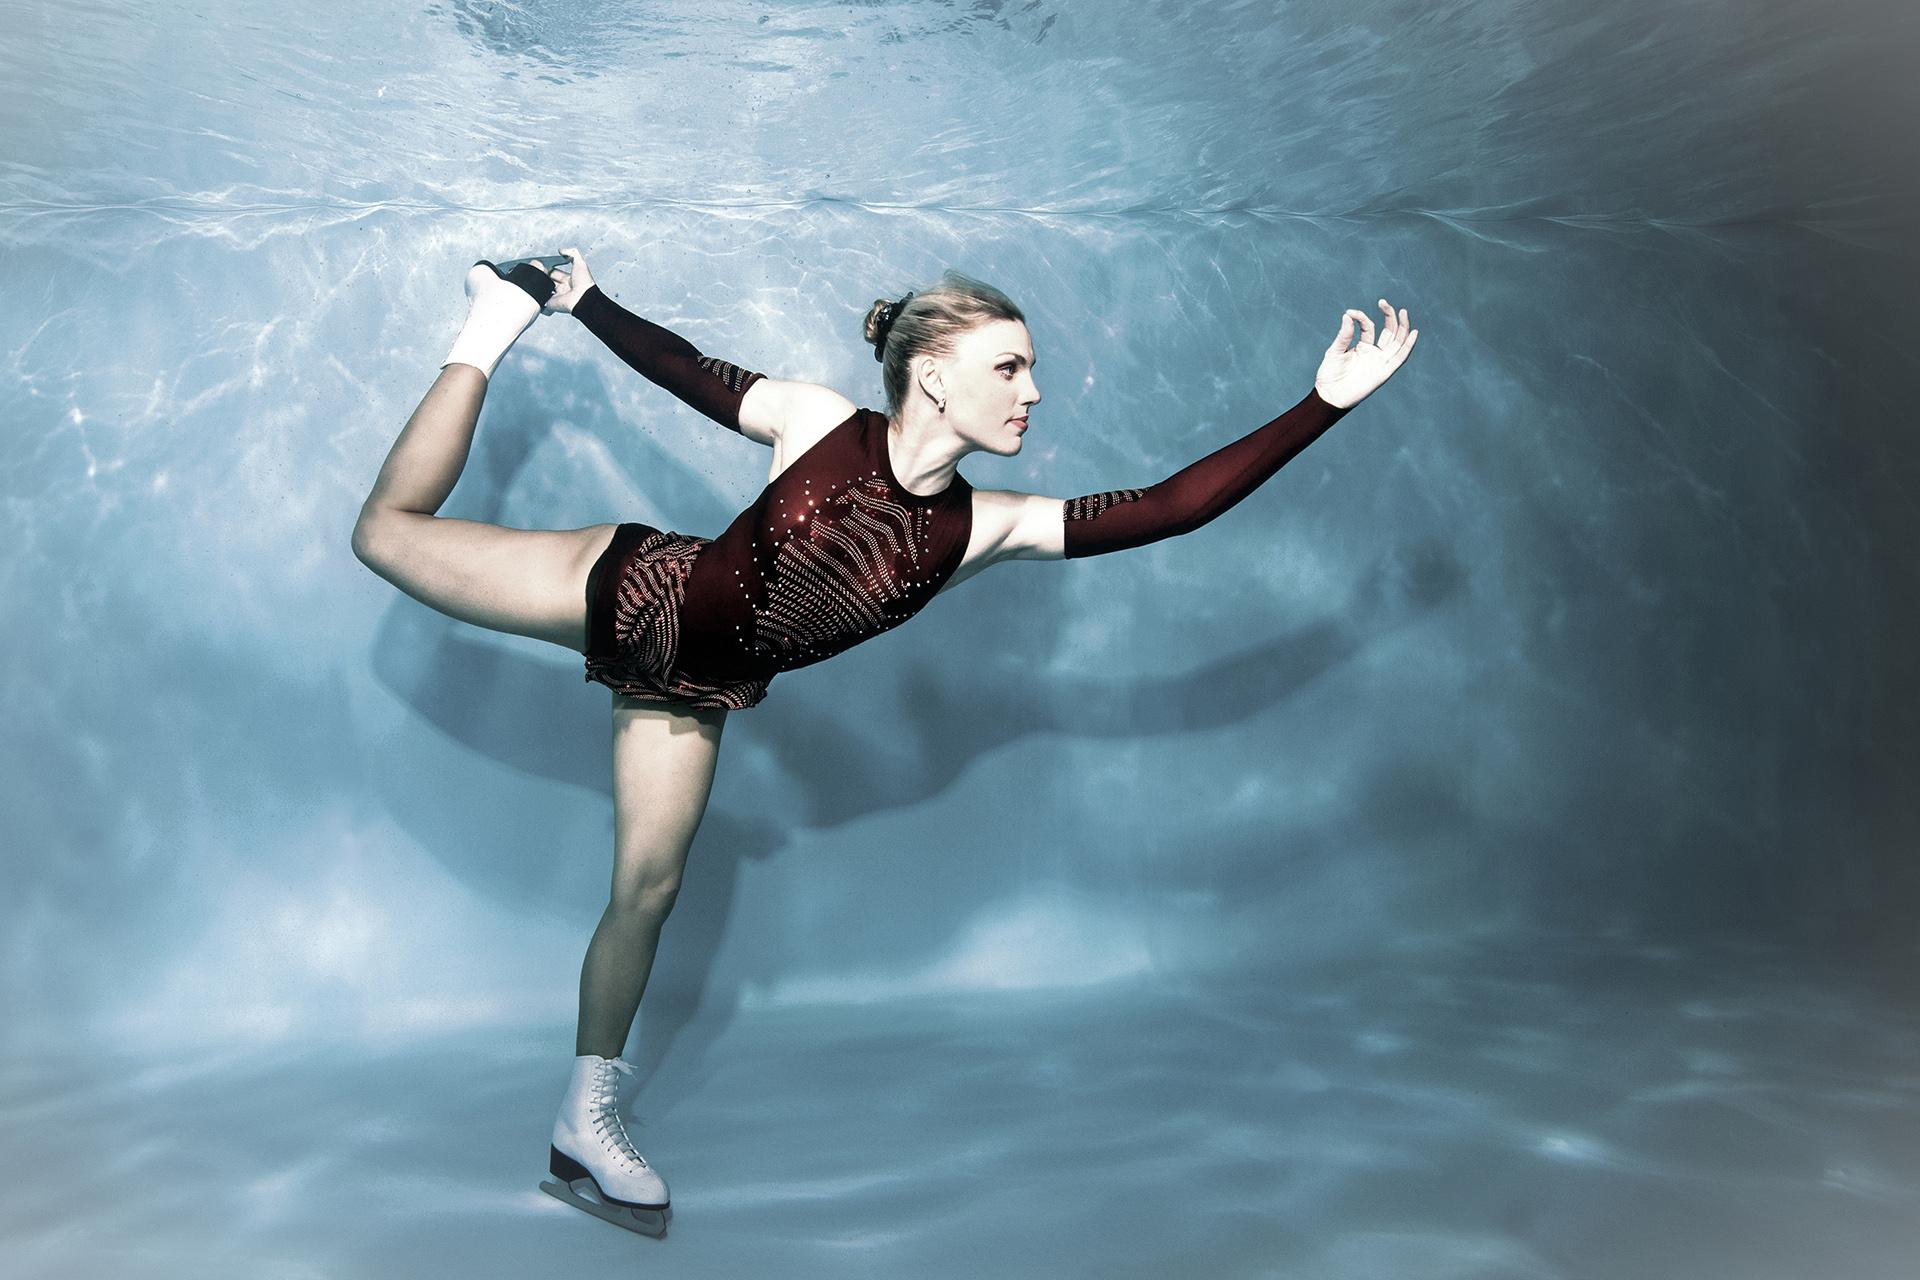 Wintersportfotos unter Wasser mit Marina